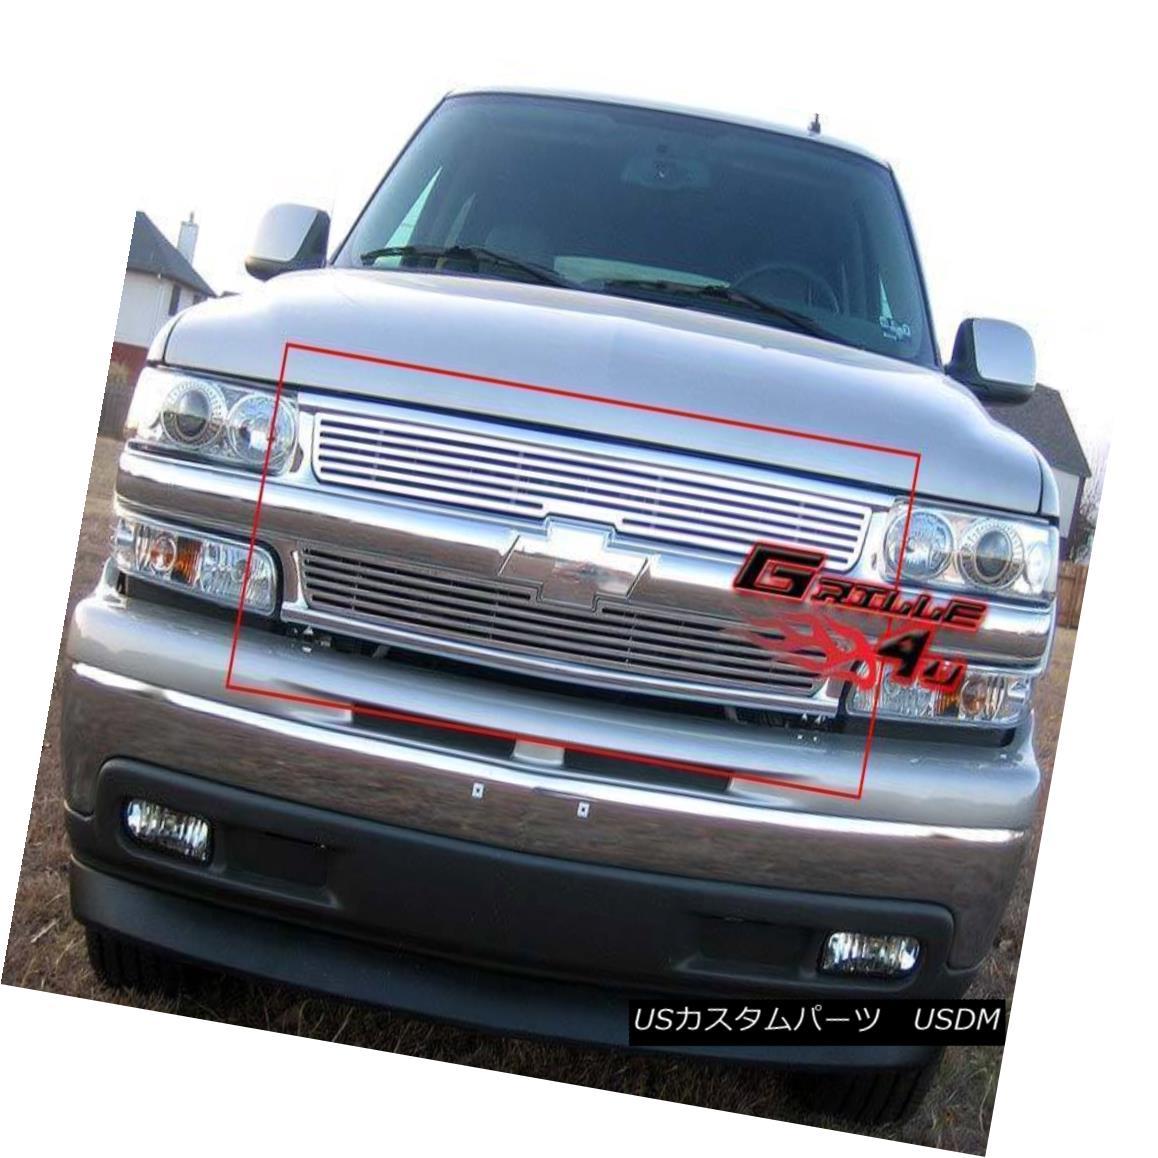 グリル Fits 99-02 Silverado 1500/00-06 Suburban Perimeter Grille フィット99-02 Silverado 1500 / 00-06郊外周辺グリル